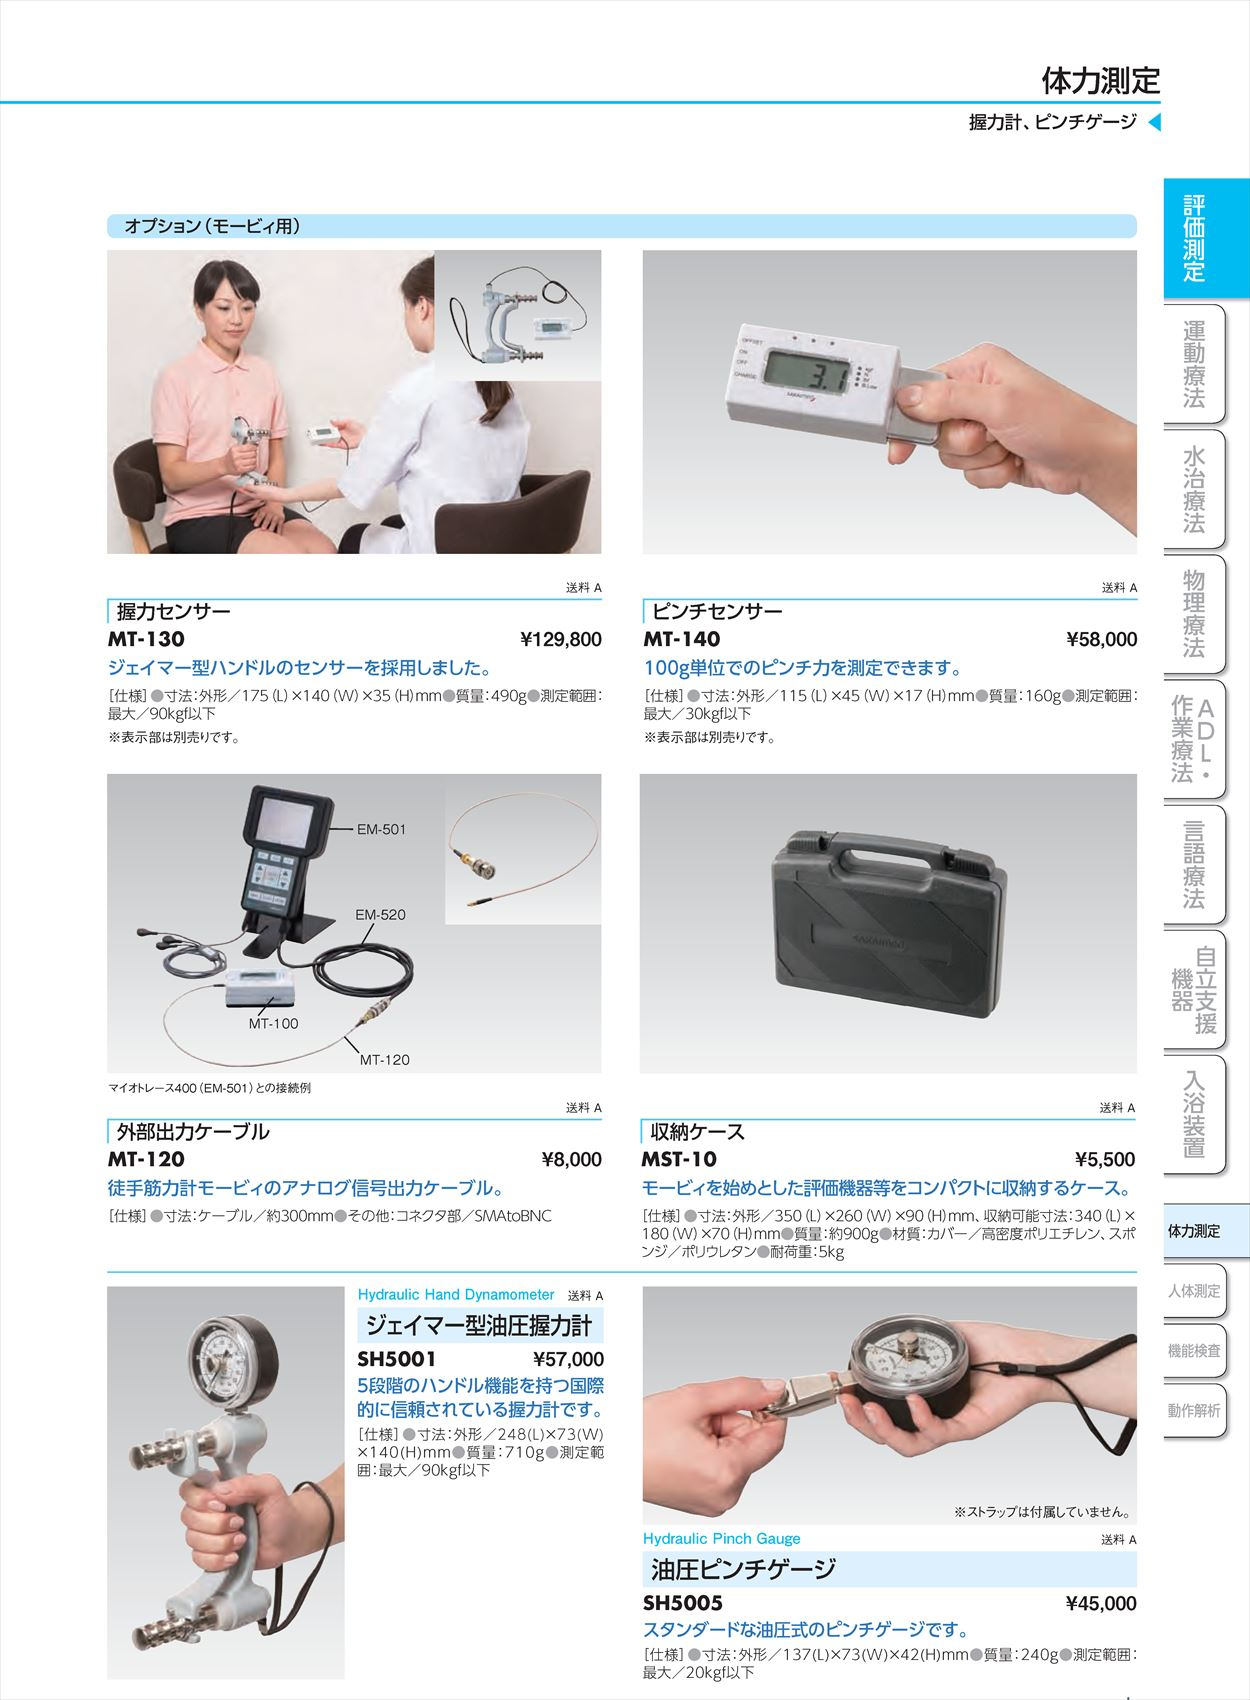 油圧ピンチゲージSH5005[台](sa05140027)【酒井医療】